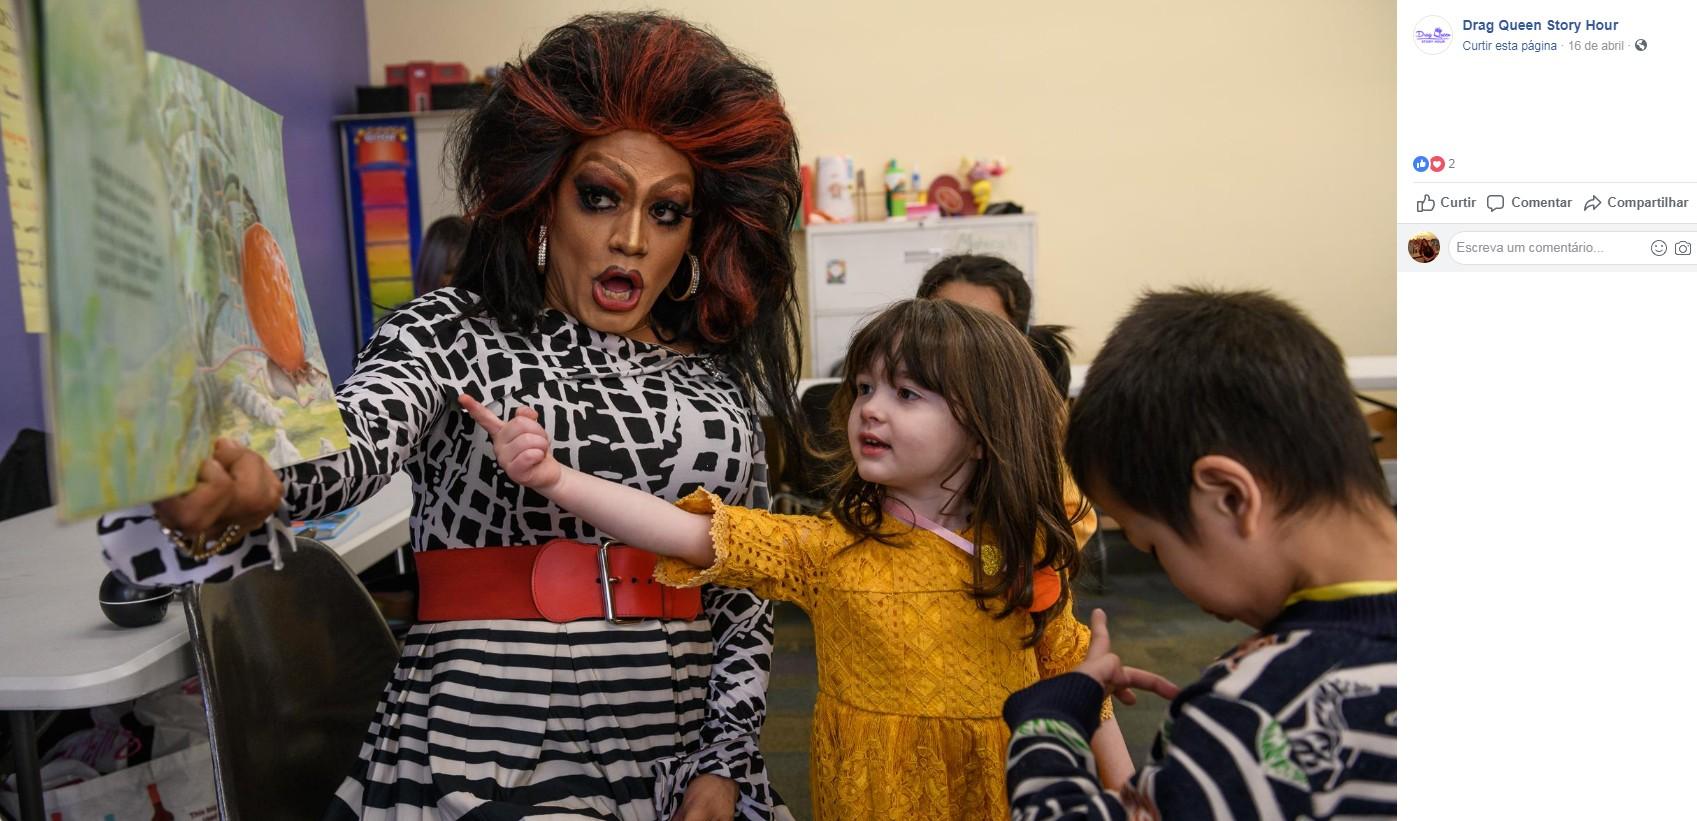 Drag queens leem histórias a crianças em livrarias e escolas dos EUA para incentivar respeito à diversidade